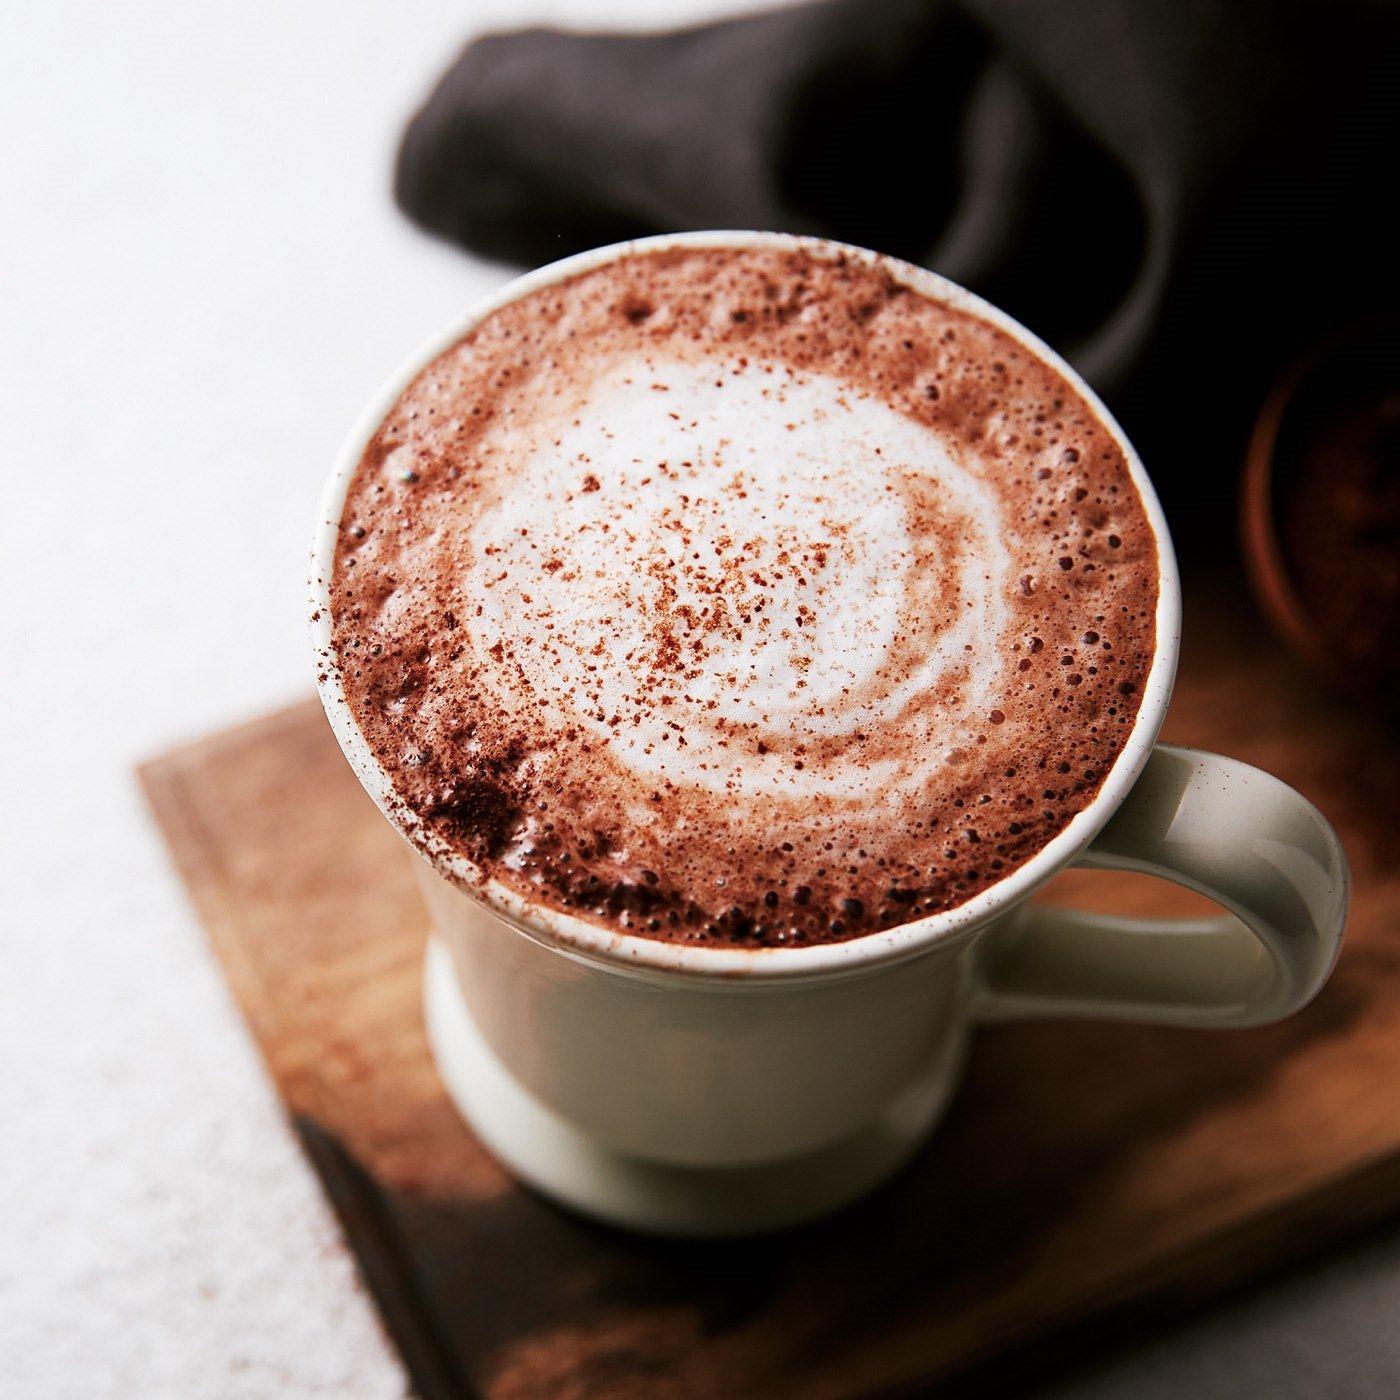 【2月お届け便】ショコラトル アーティザンチョコレート&カフェ ホットチョコレートドリンク